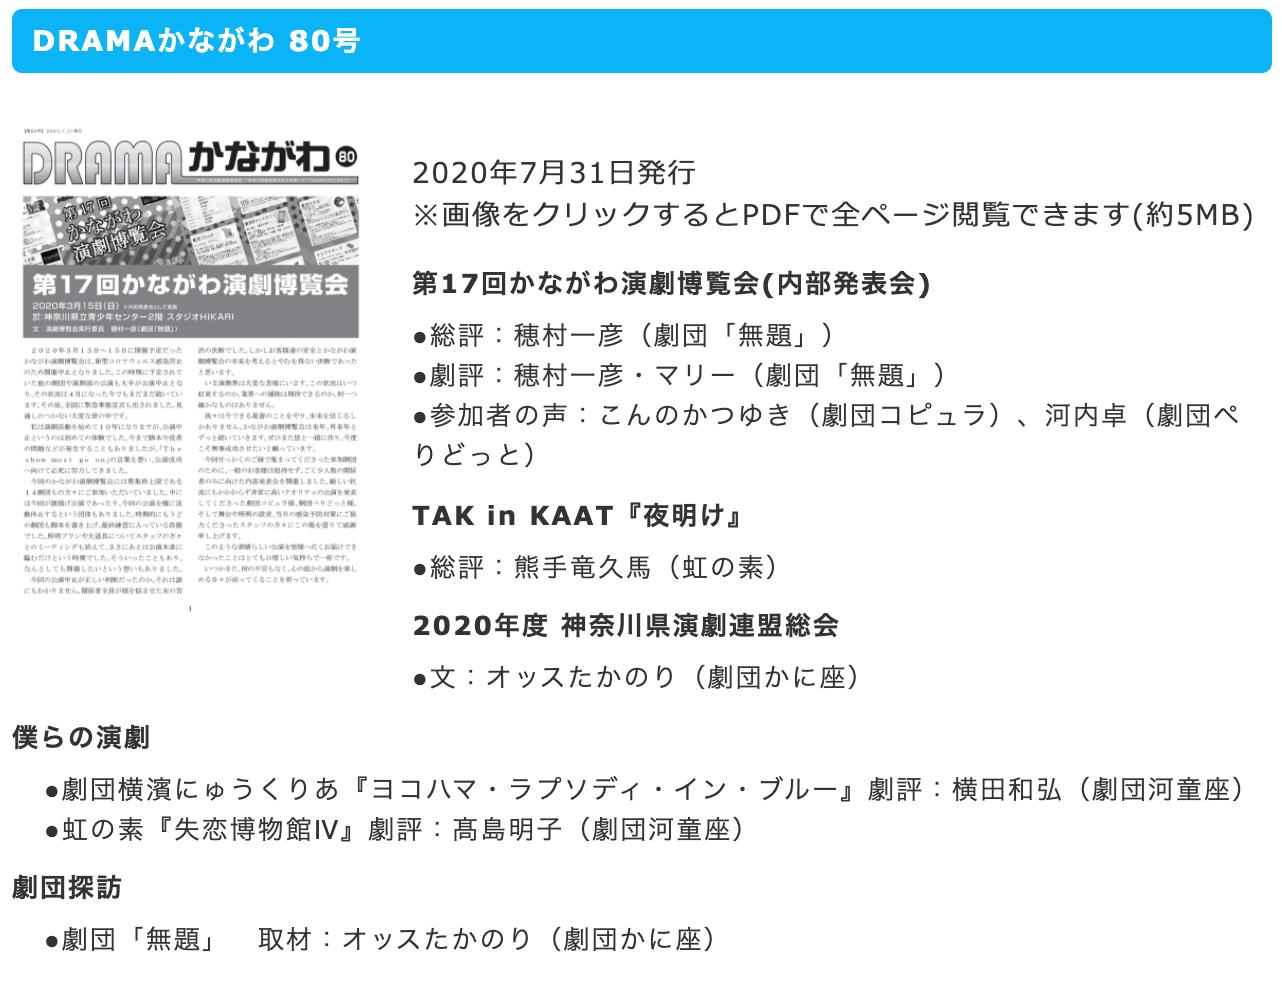 神奈川県演劇連盟の広報誌 DRAMAかながわ80号に寄稿